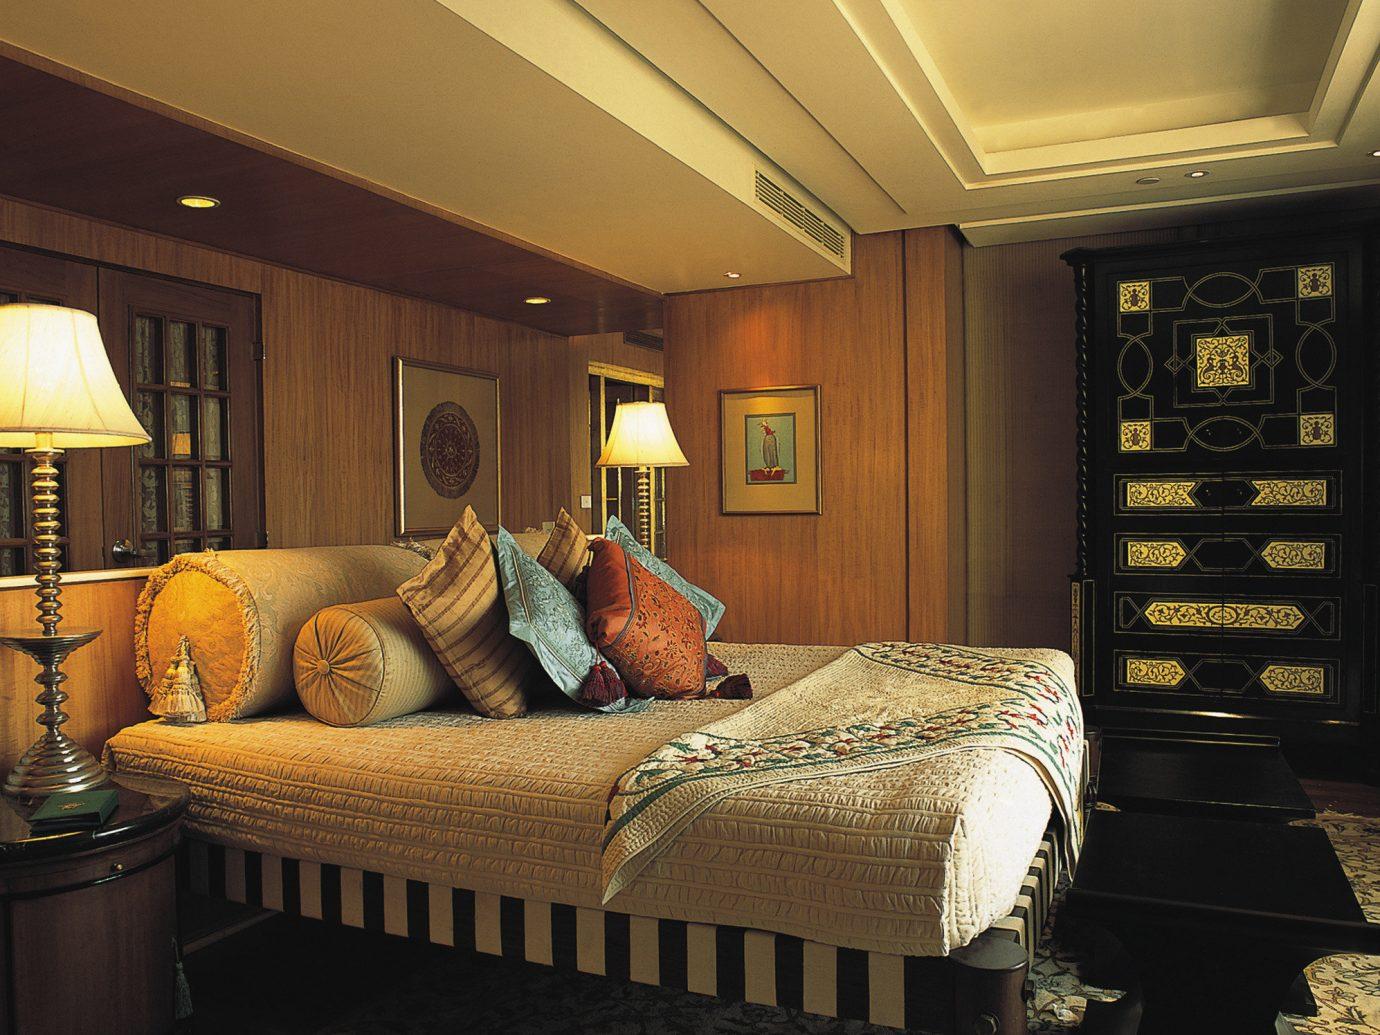 Hotels Luxury Travel indoor sofa room ceiling property Living living room estate home interior design Bedroom Suite furniture cottage mansion Design decorated